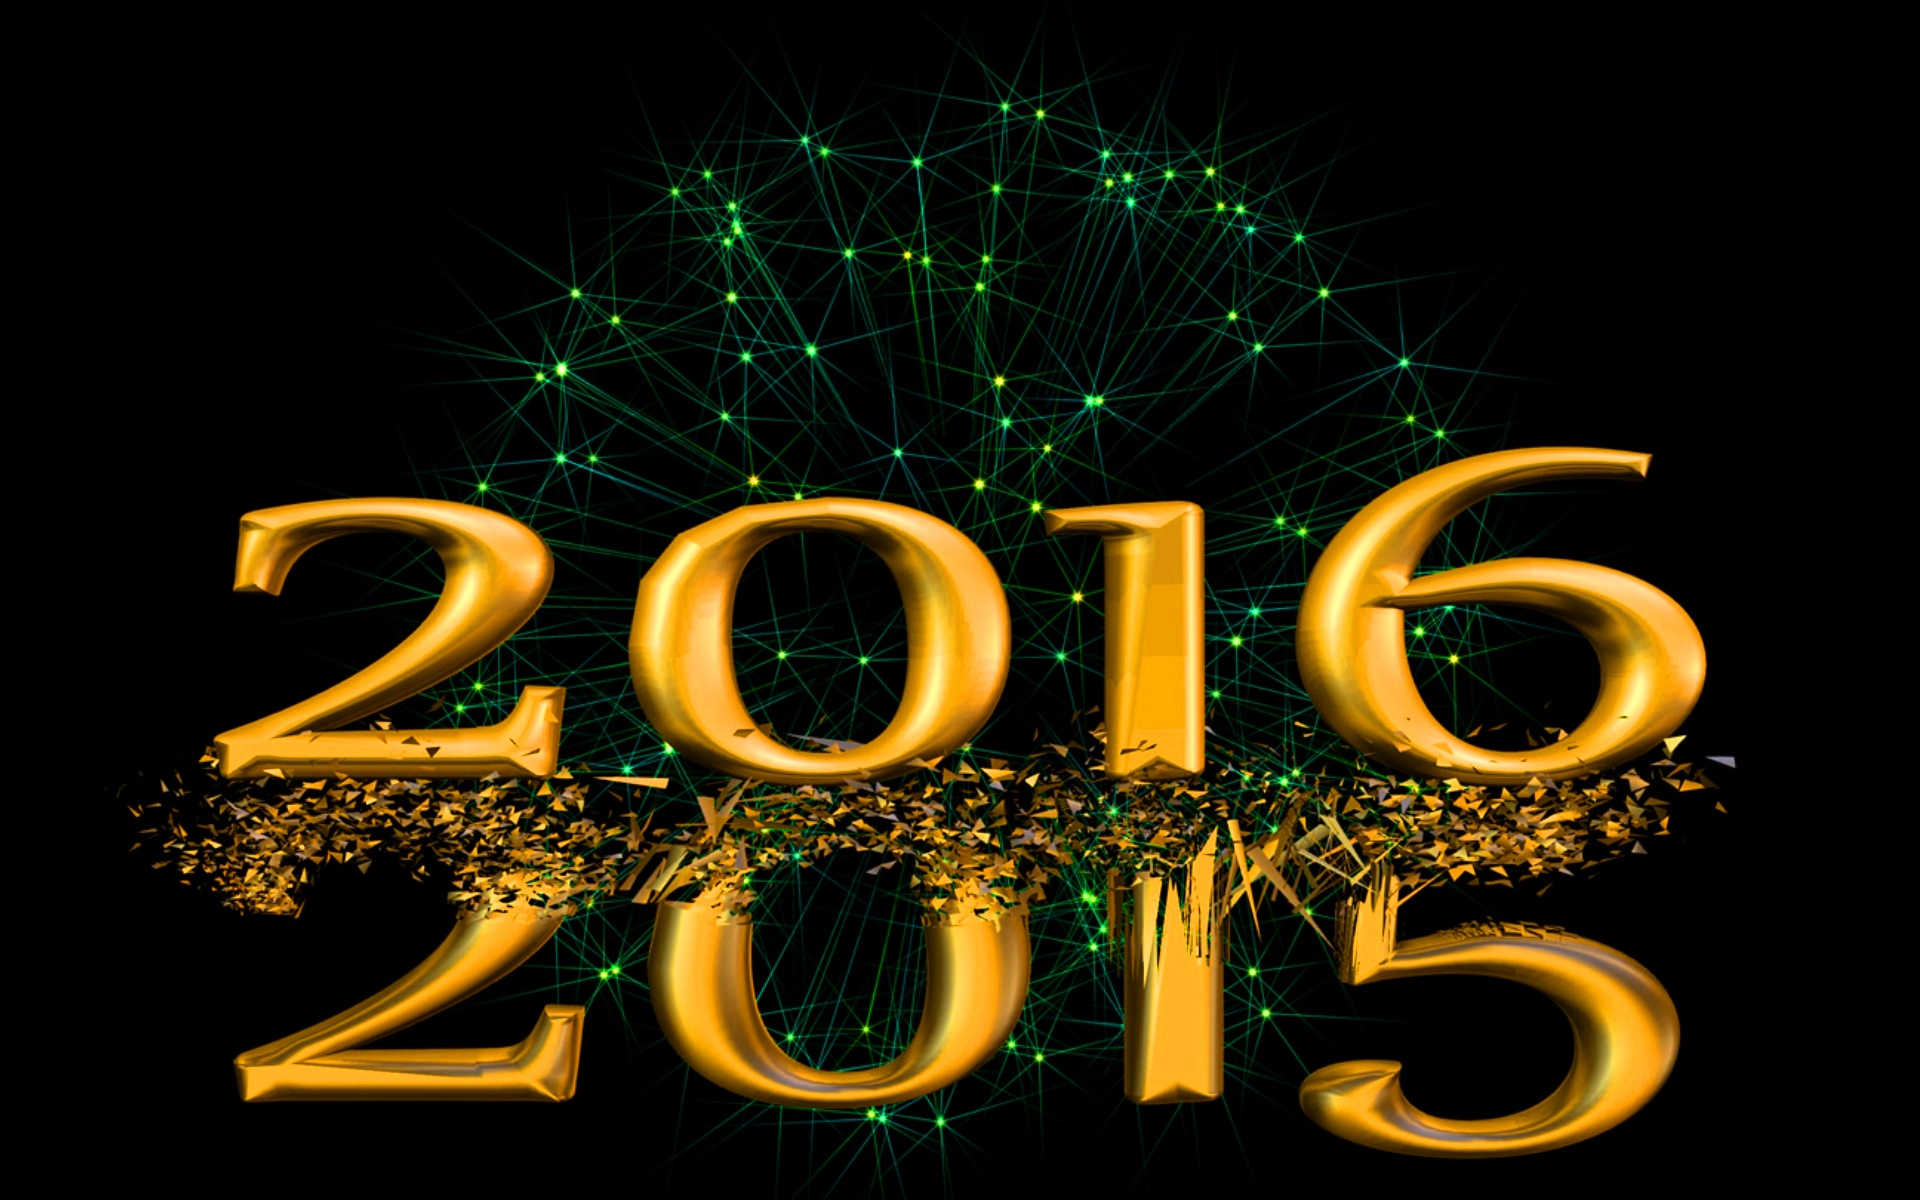 Старый уходит, Новый приходит - C наступающим новым годом 2017 поздравительные картинки